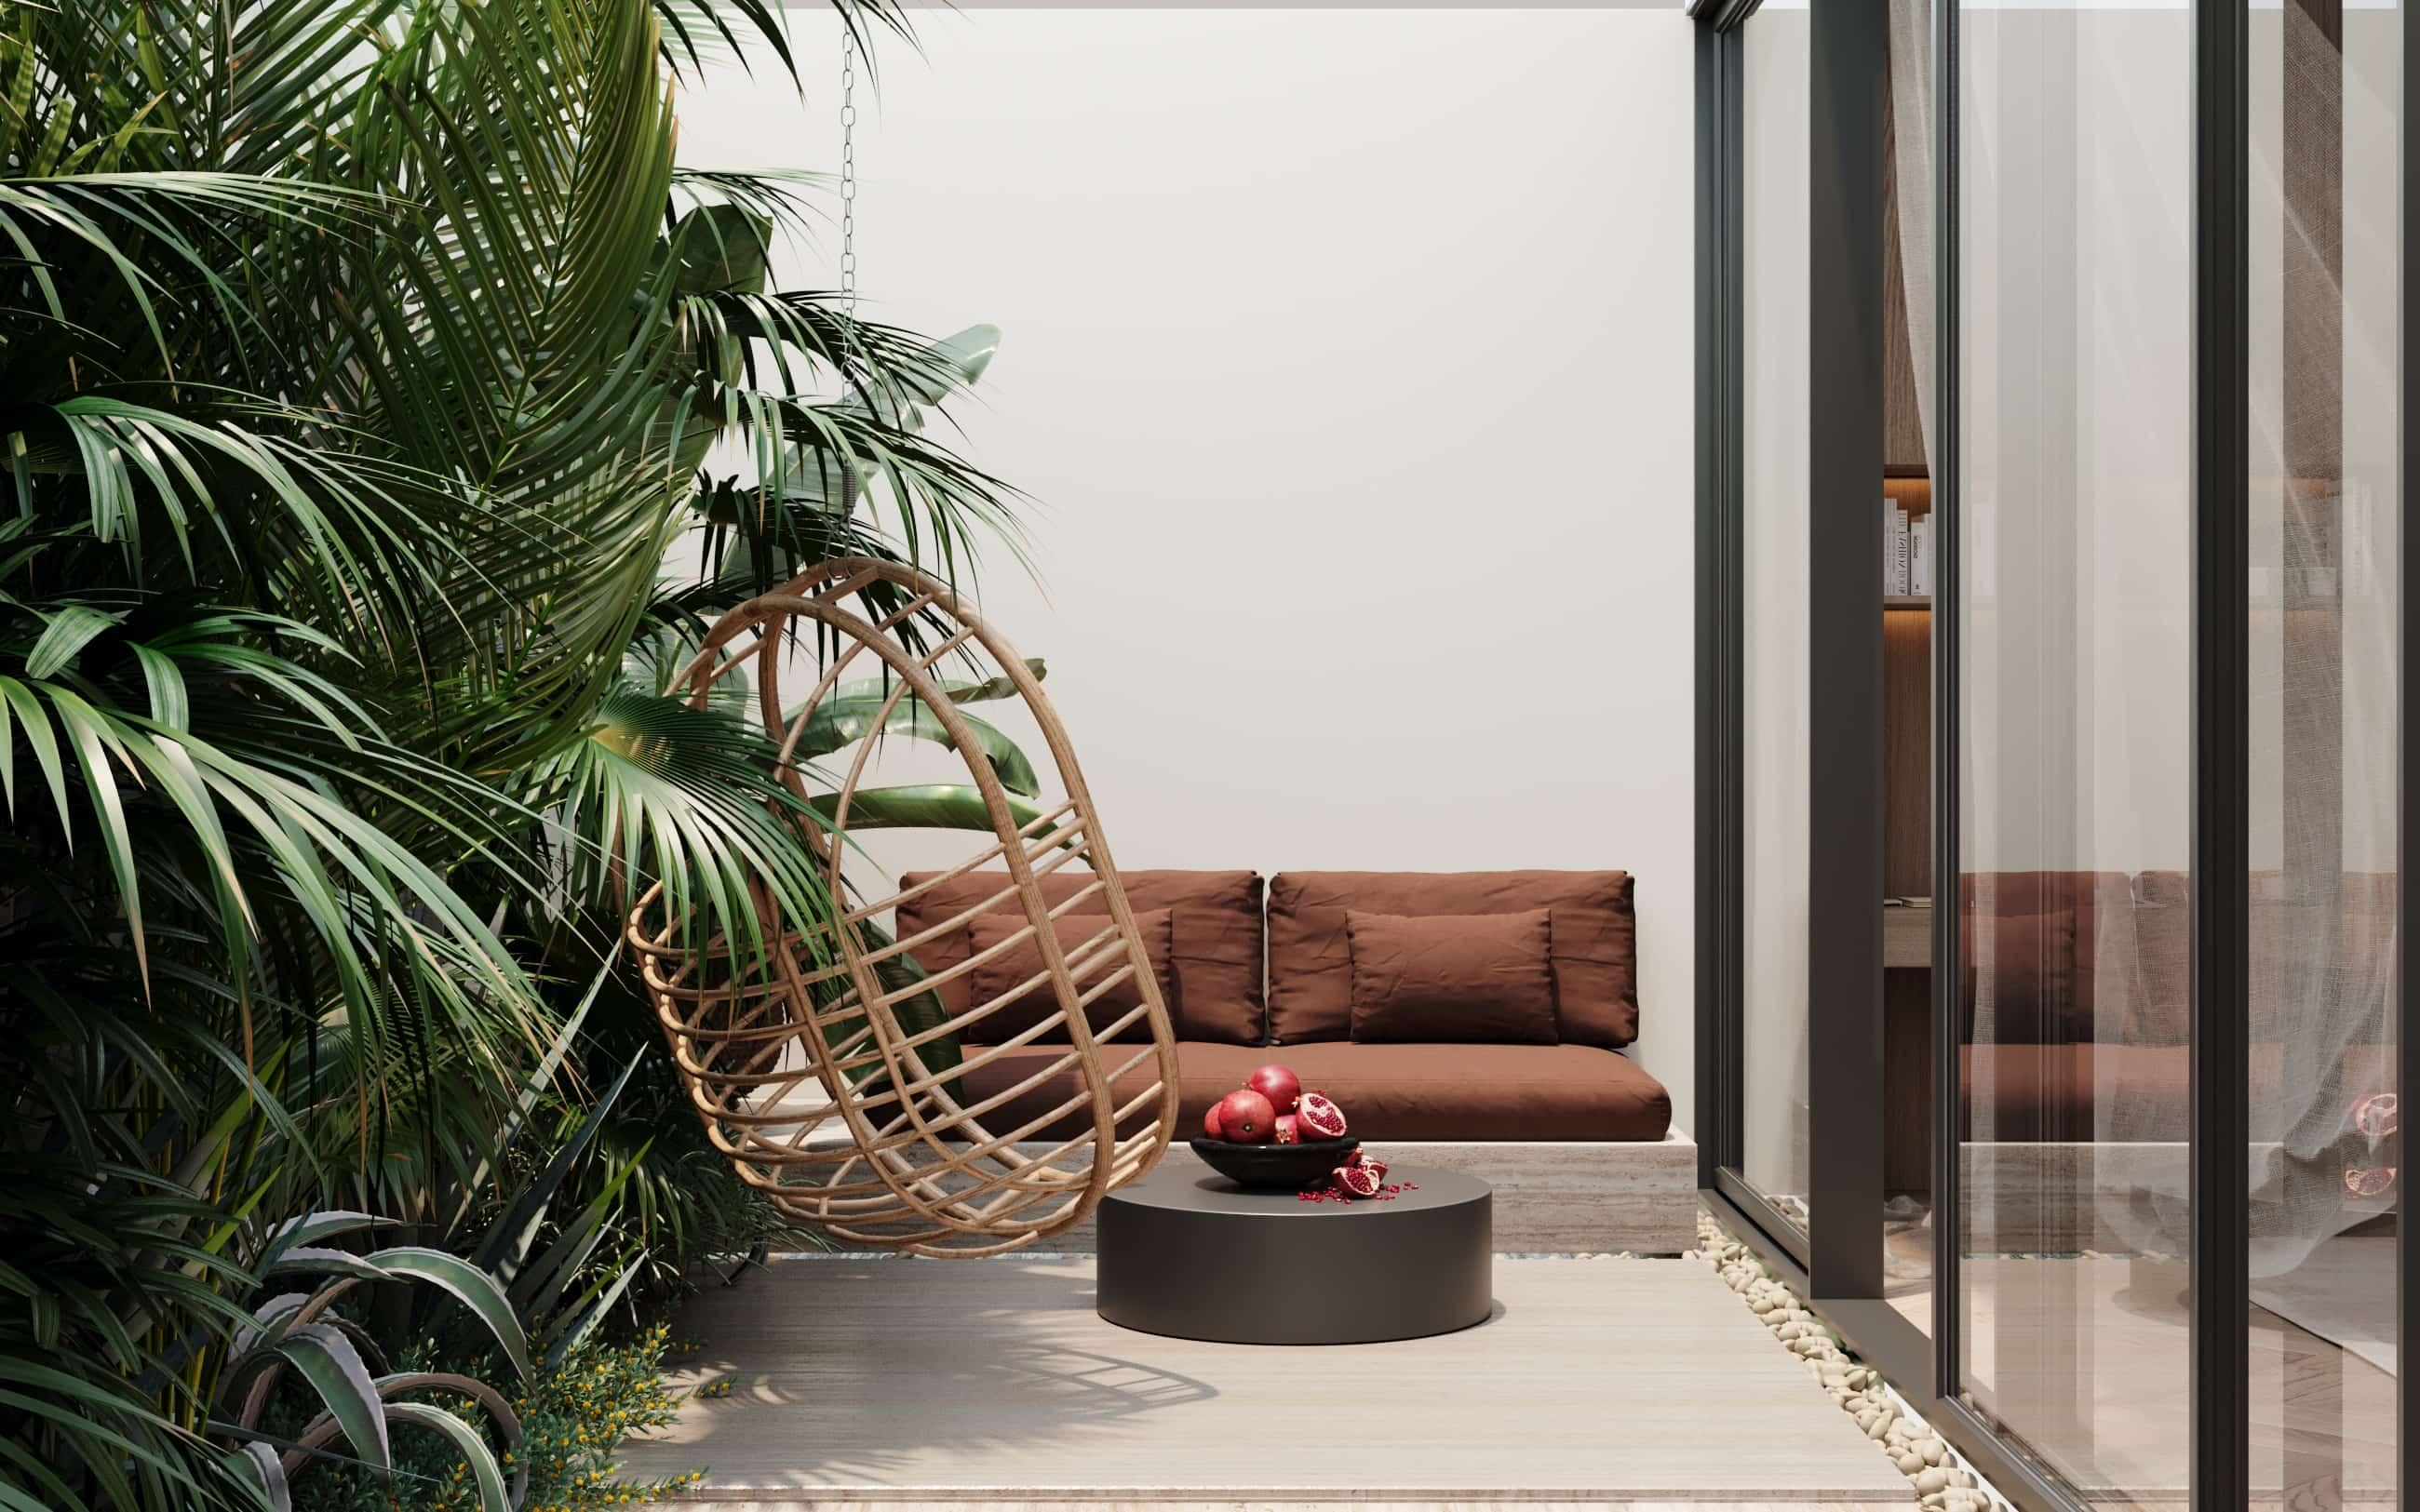 villa designs (17)